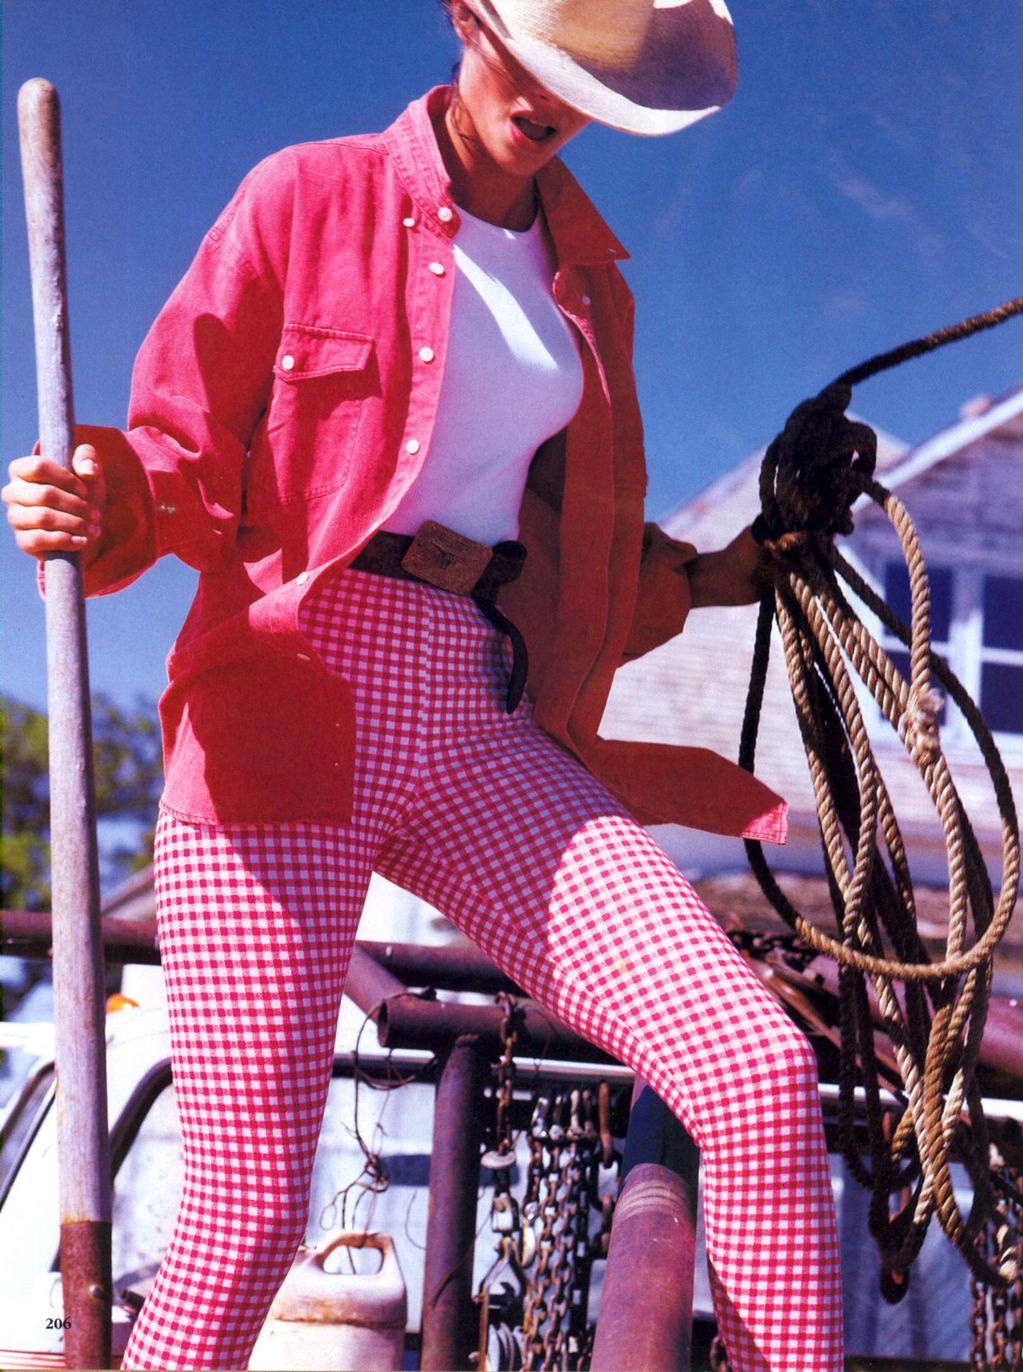 Vogue (US) January 1991 | Dress For Less - ingham Checks In 03.jpg